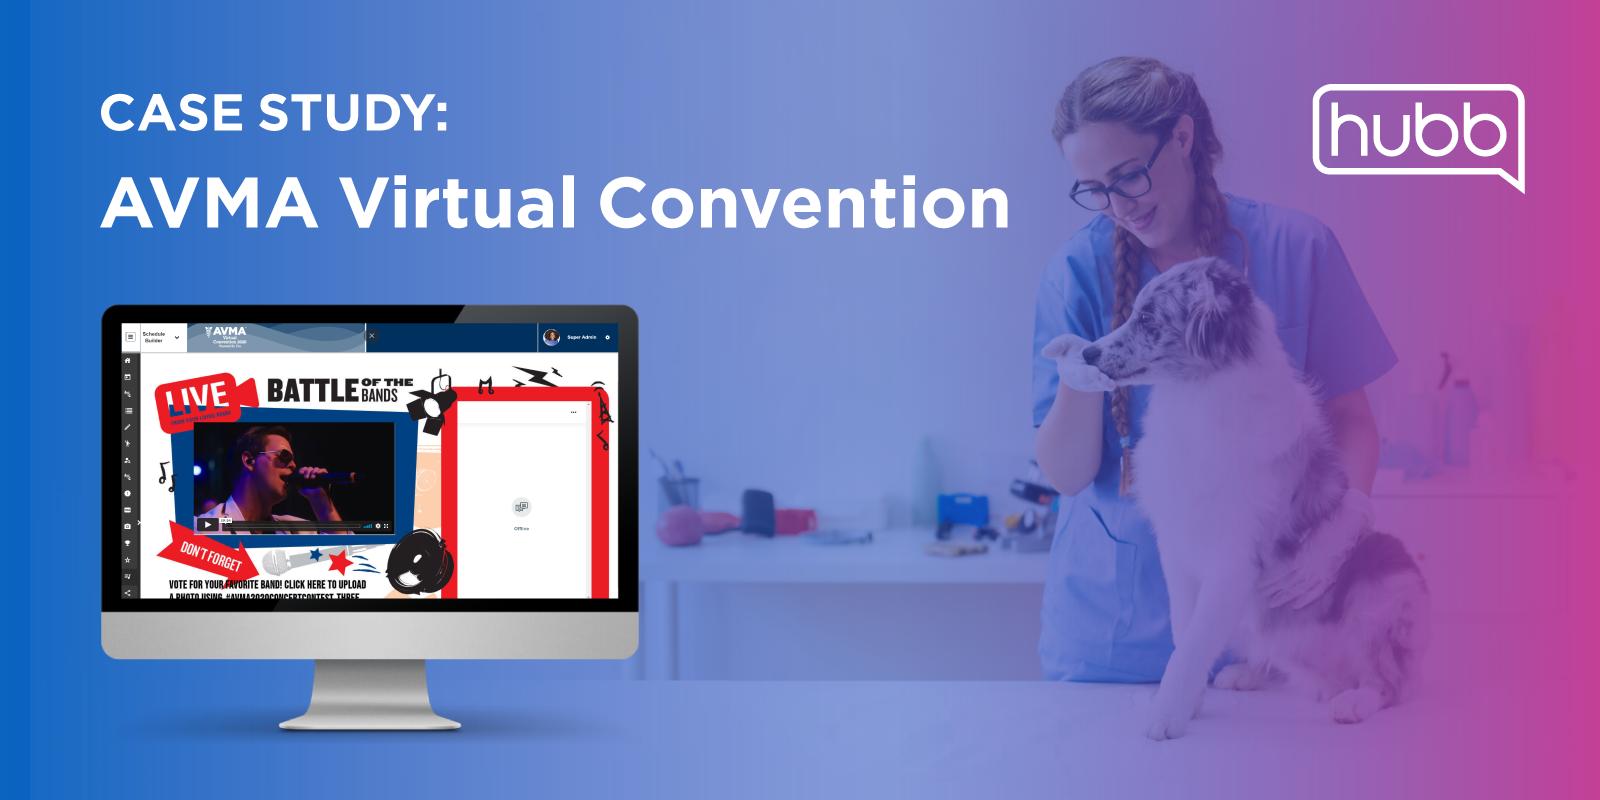 Case Study: AVMA Virtual Convention